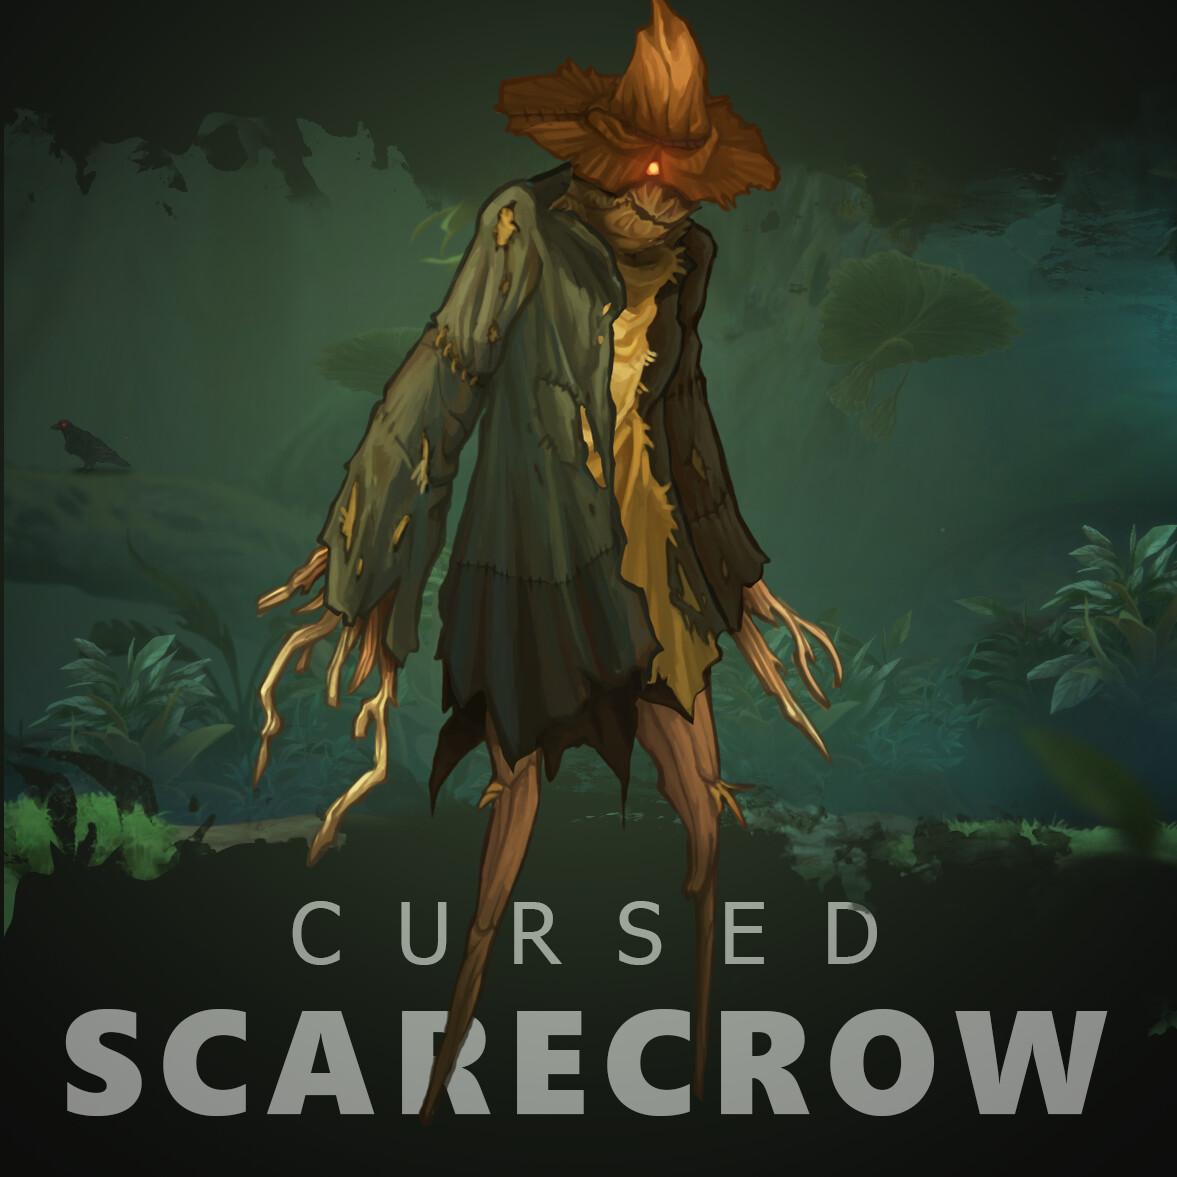 CURSED SCARECROW